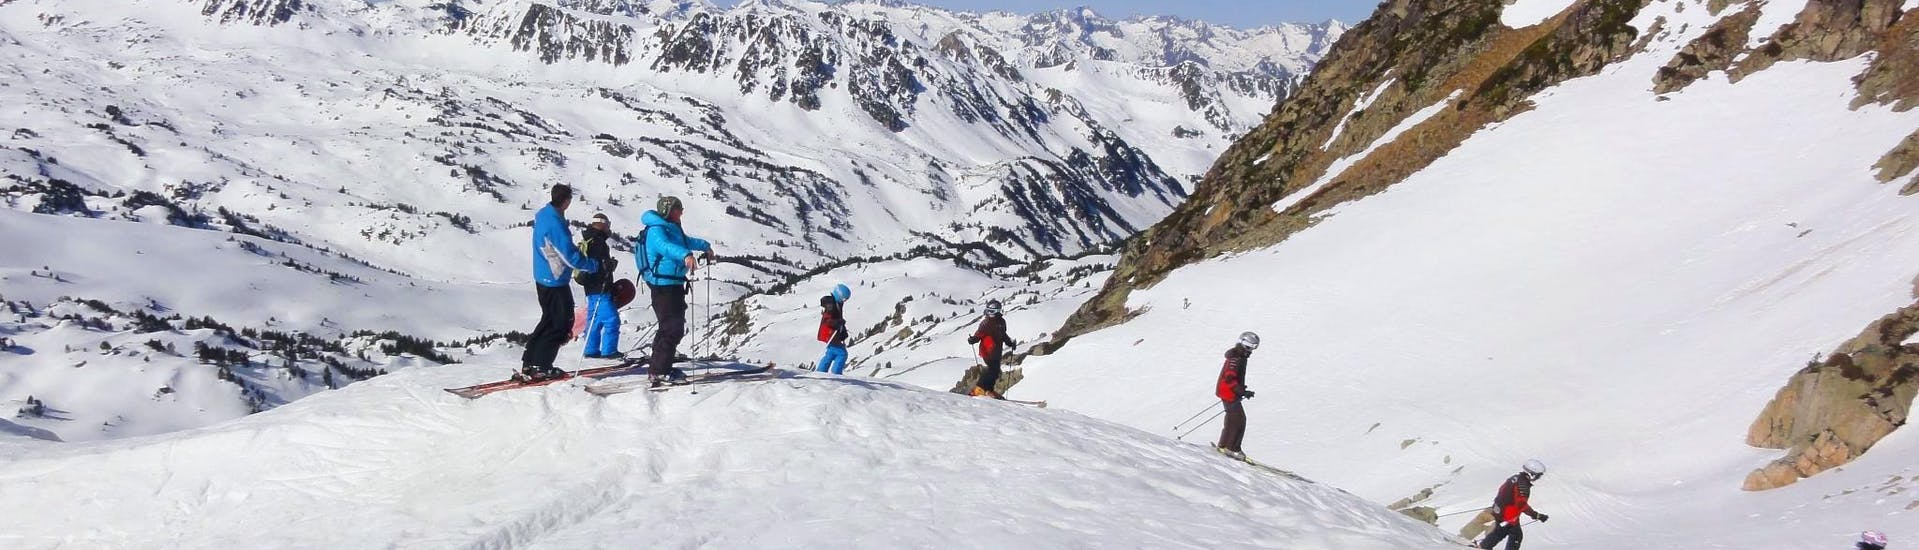 Des enfants skient depuis le haut des pistes pendant leur Cours de ski pour Enfants (5-15 ans) - Expérimenté avec l'école de ski ESI Ecoloski Barèges.